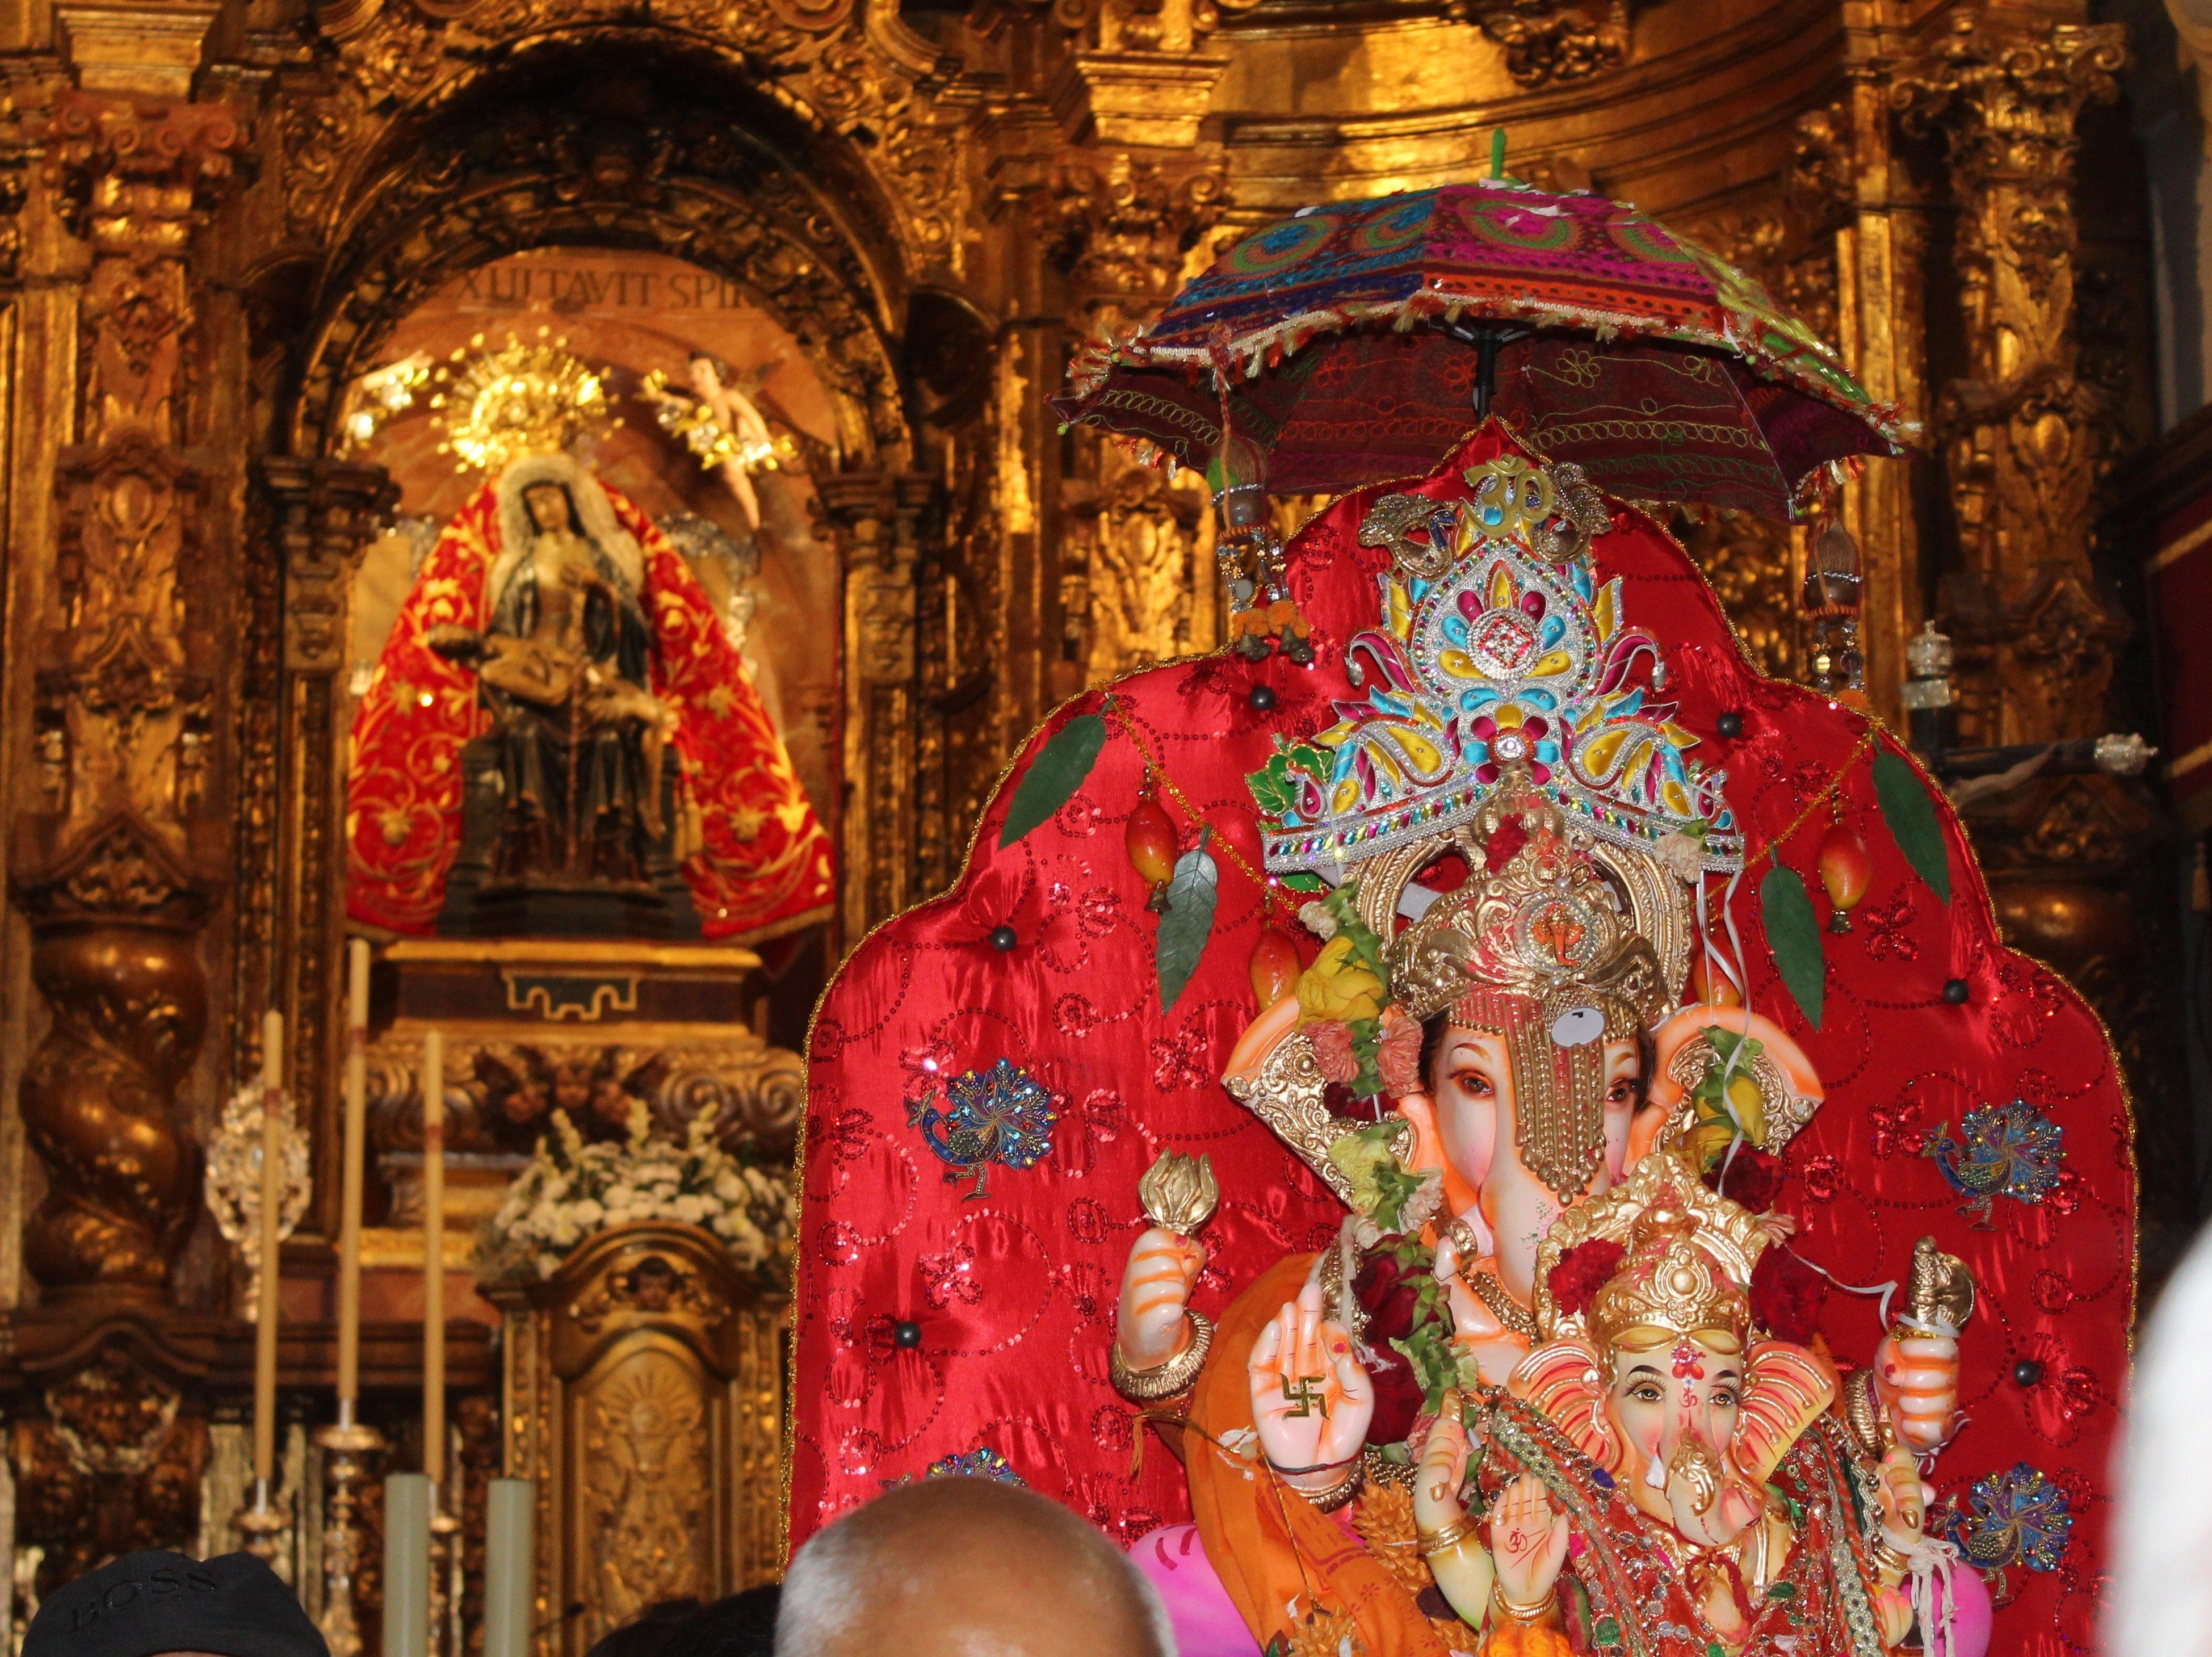 dieu hindou tete de singe